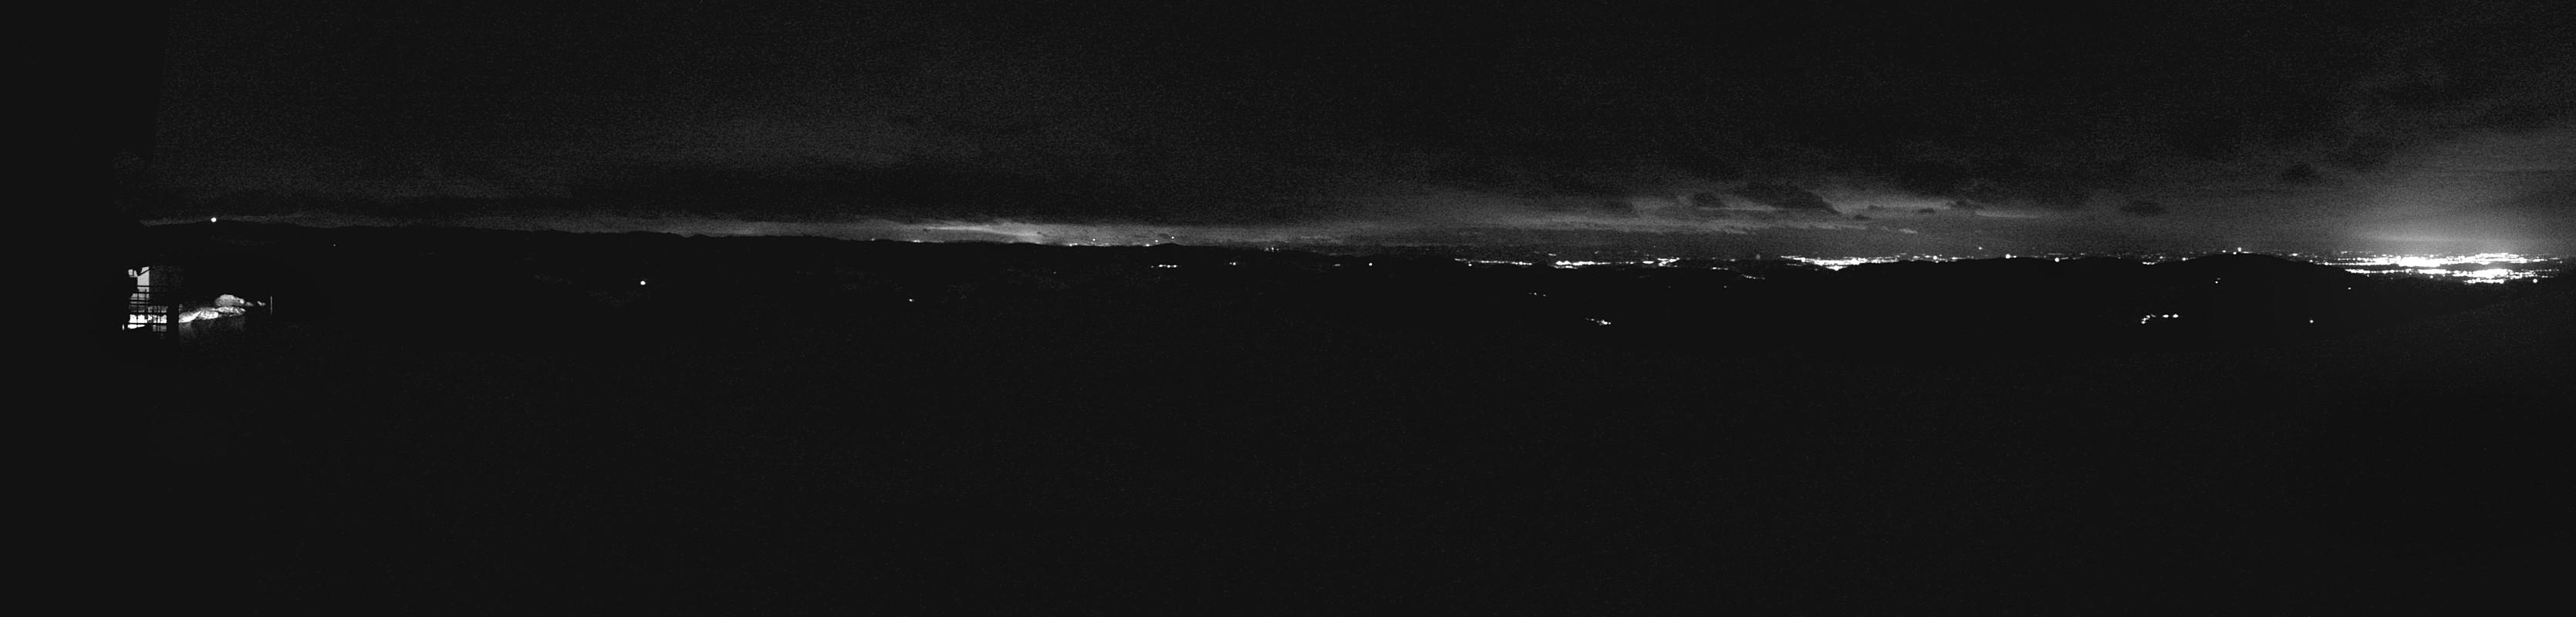 17h ago - 06:33